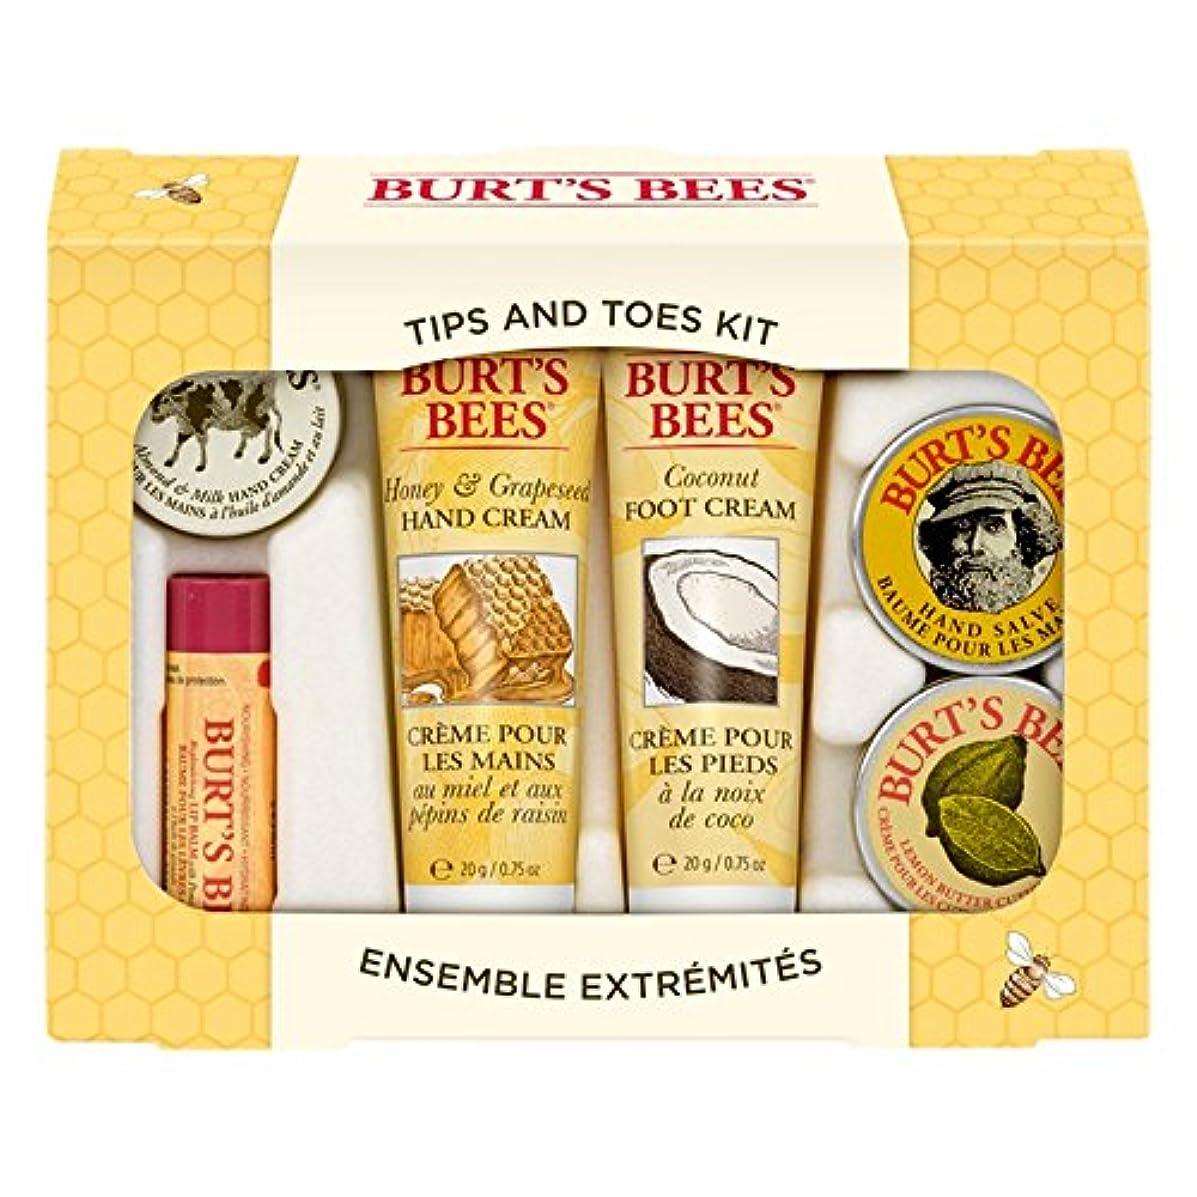 バーツビーのヒントとつま先はスターターキットをスキンケア (Burt's Bees) - Burt's Bees Tips And Toes Skincare Starter Kit [並行輸入品]